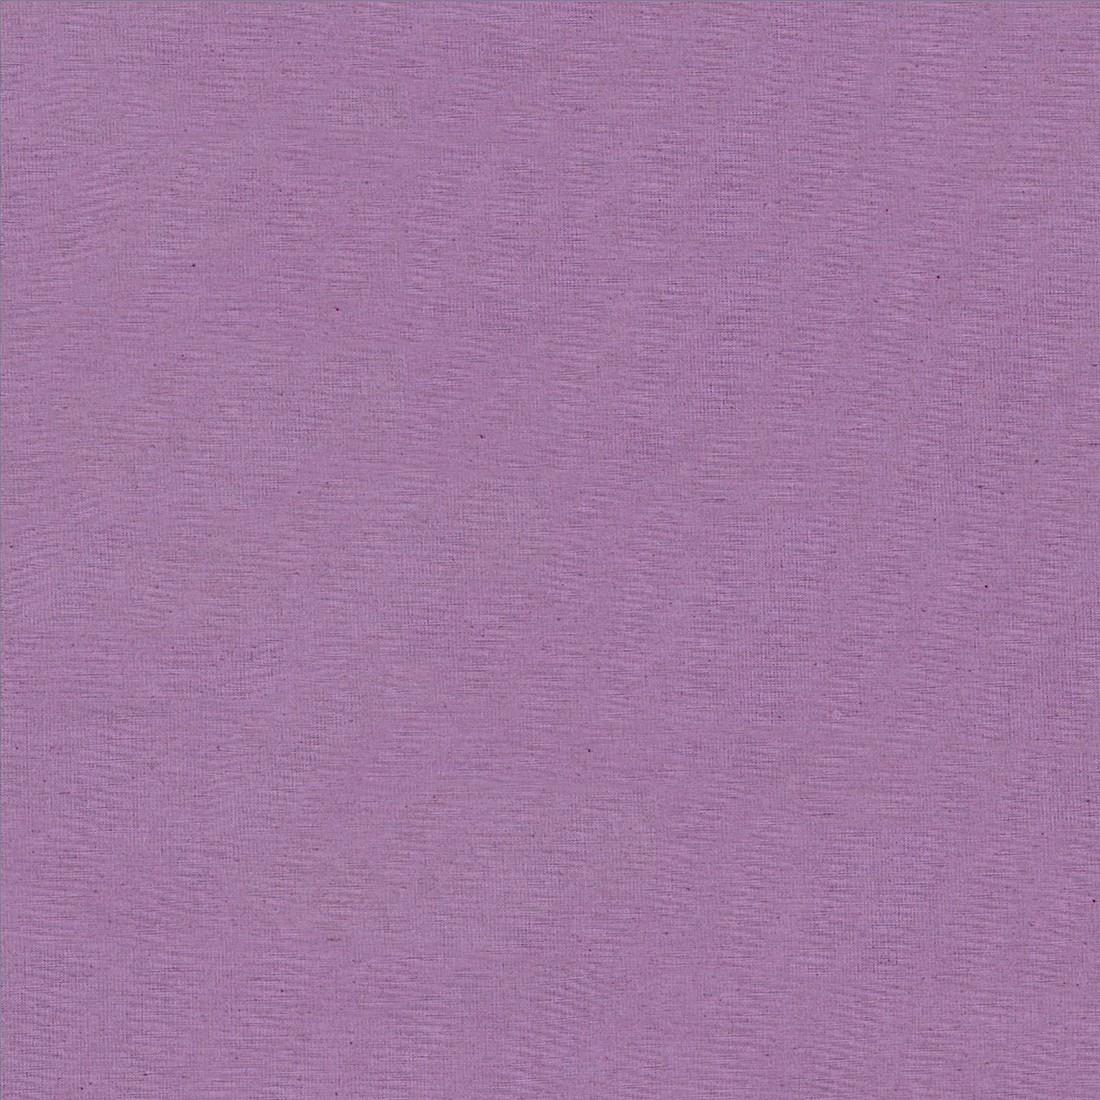 Tischdecke Country – Mohn – 125 x 125 cm, Villeroy&Boch jetzt kaufen